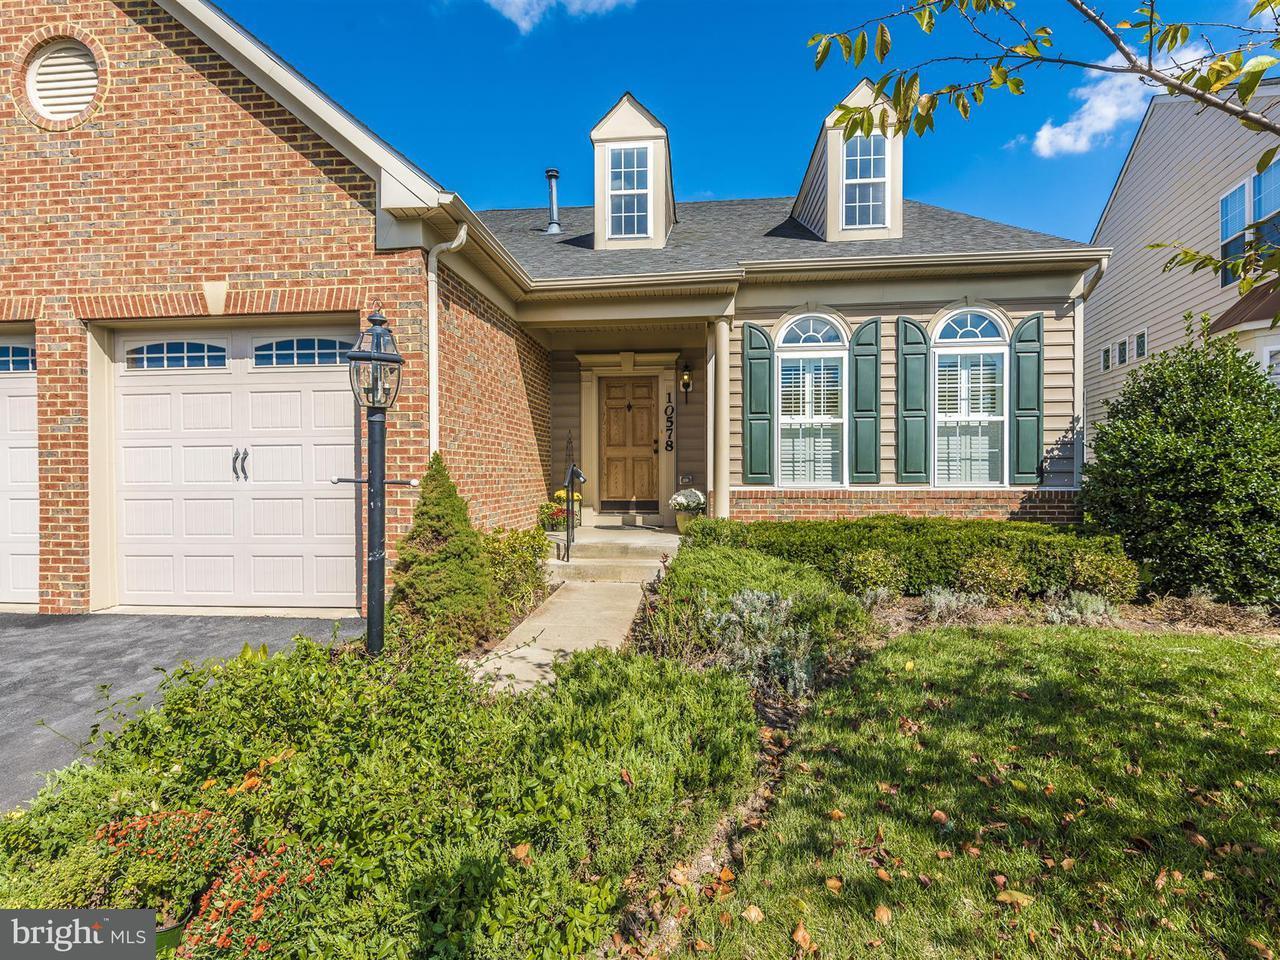 Casa Unifamiliar por un Venta en 10578 Edwardian Ln #133 10578 Edwardian Ln #133 New Market, Maryland 21774 Estados Unidos